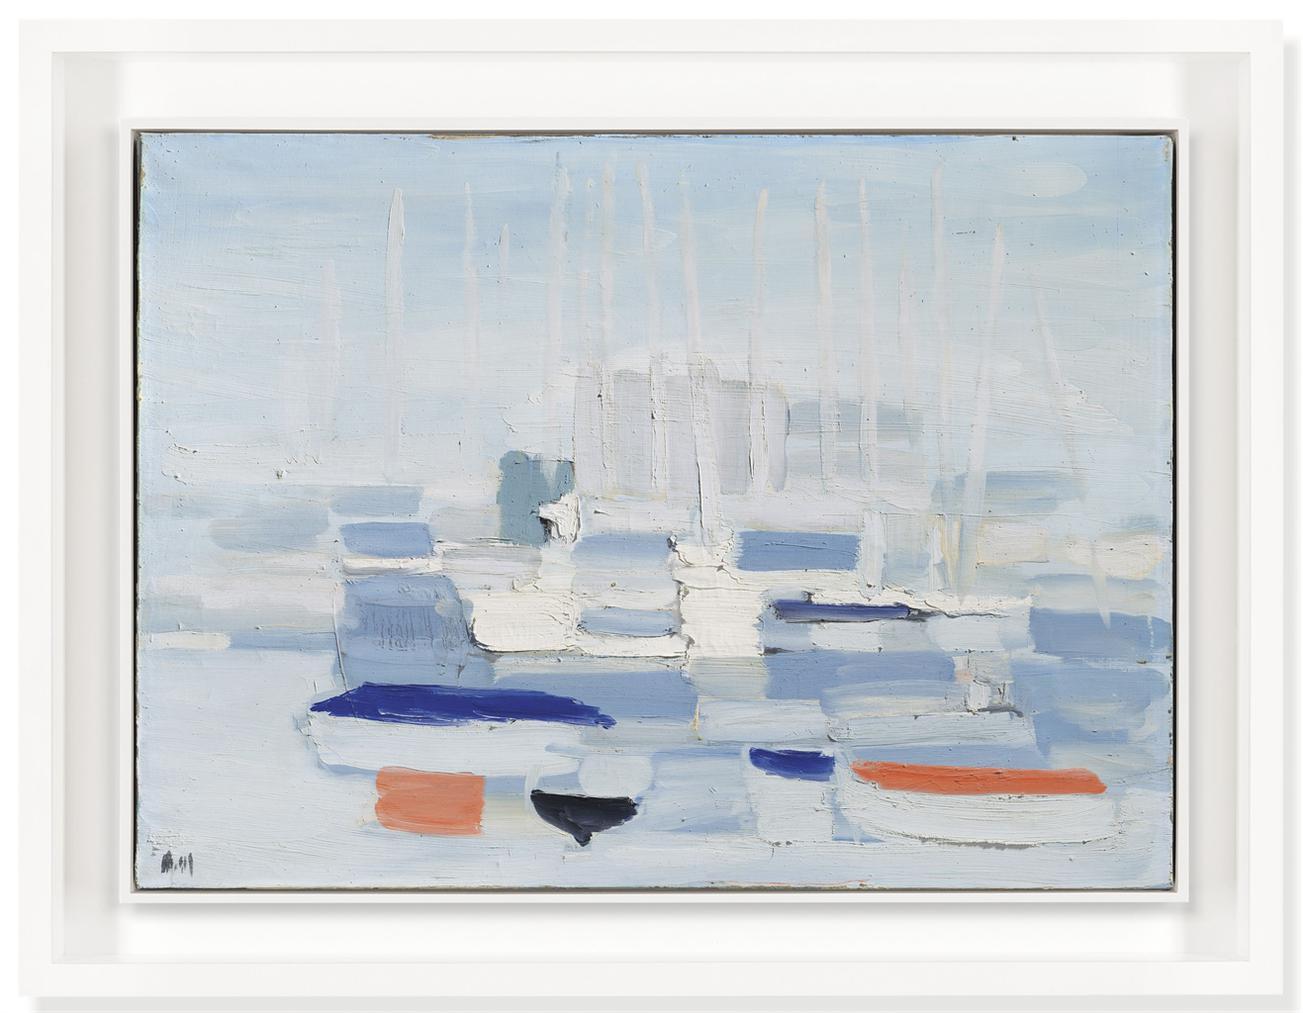 Nicolas de Stael-Barques Dans Le Port (Boats In The Harbour)-1955